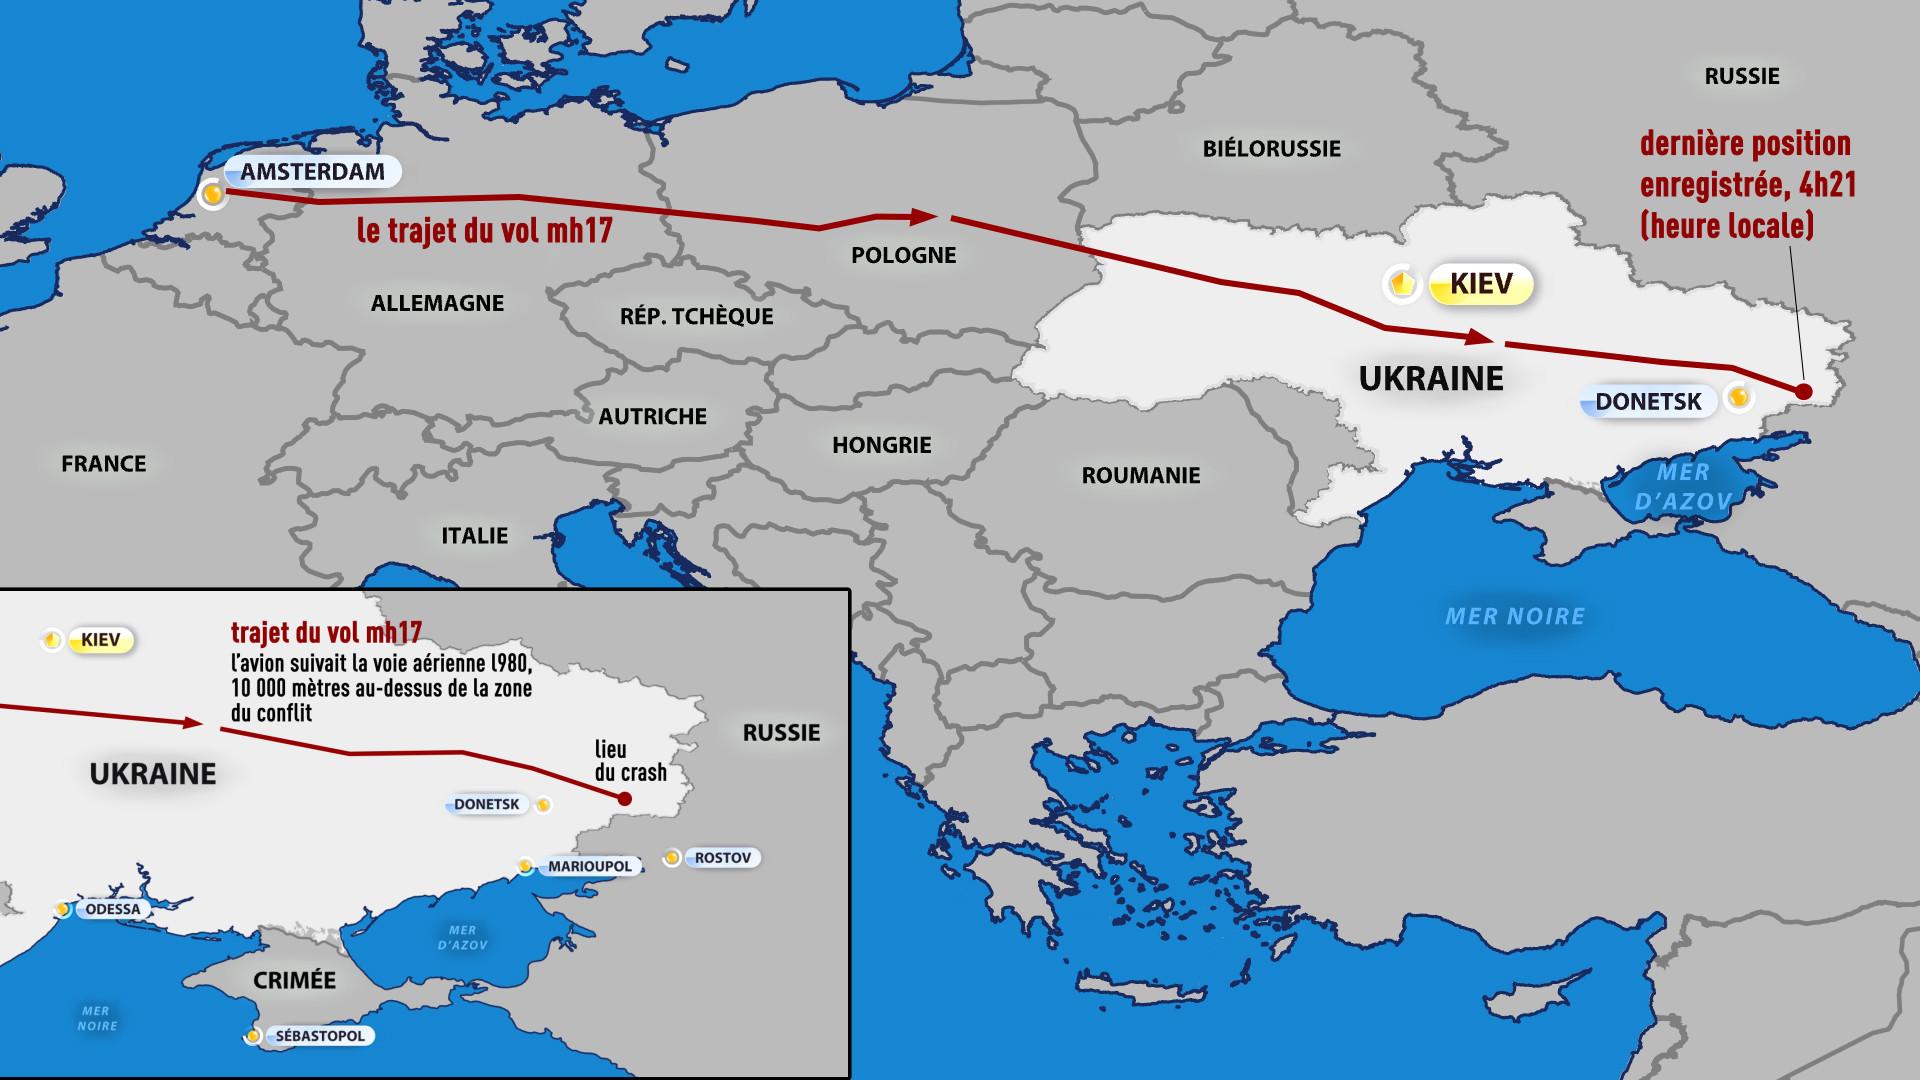 Le trajet du vol MH17